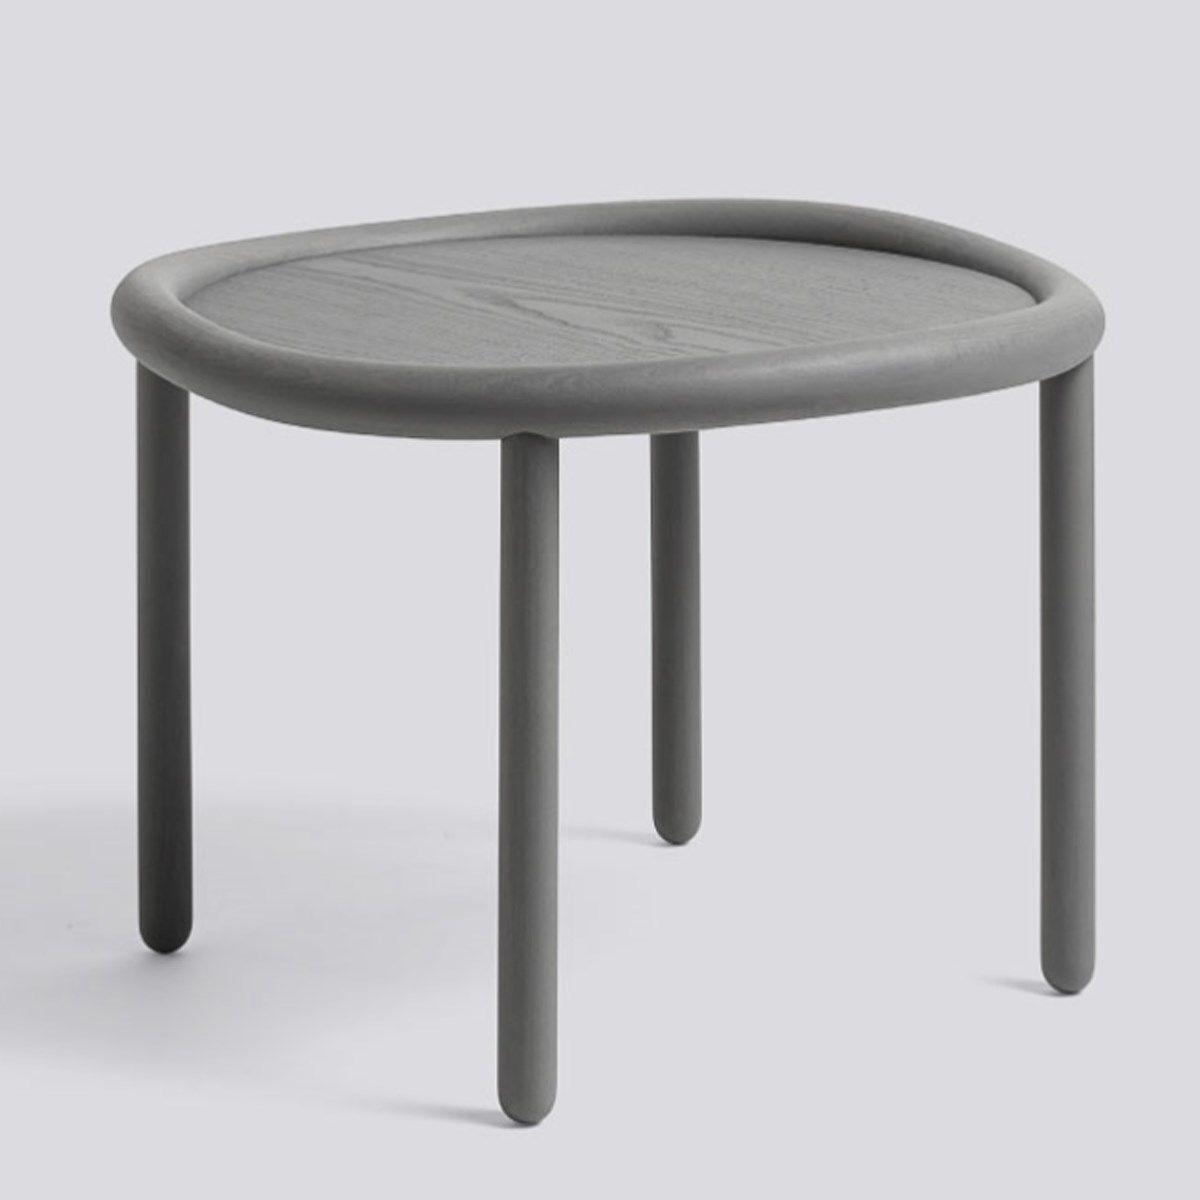 wrong for hay bord serve table gratis fragt. Black Bedroom Furniture Sets. Home Design Ideas